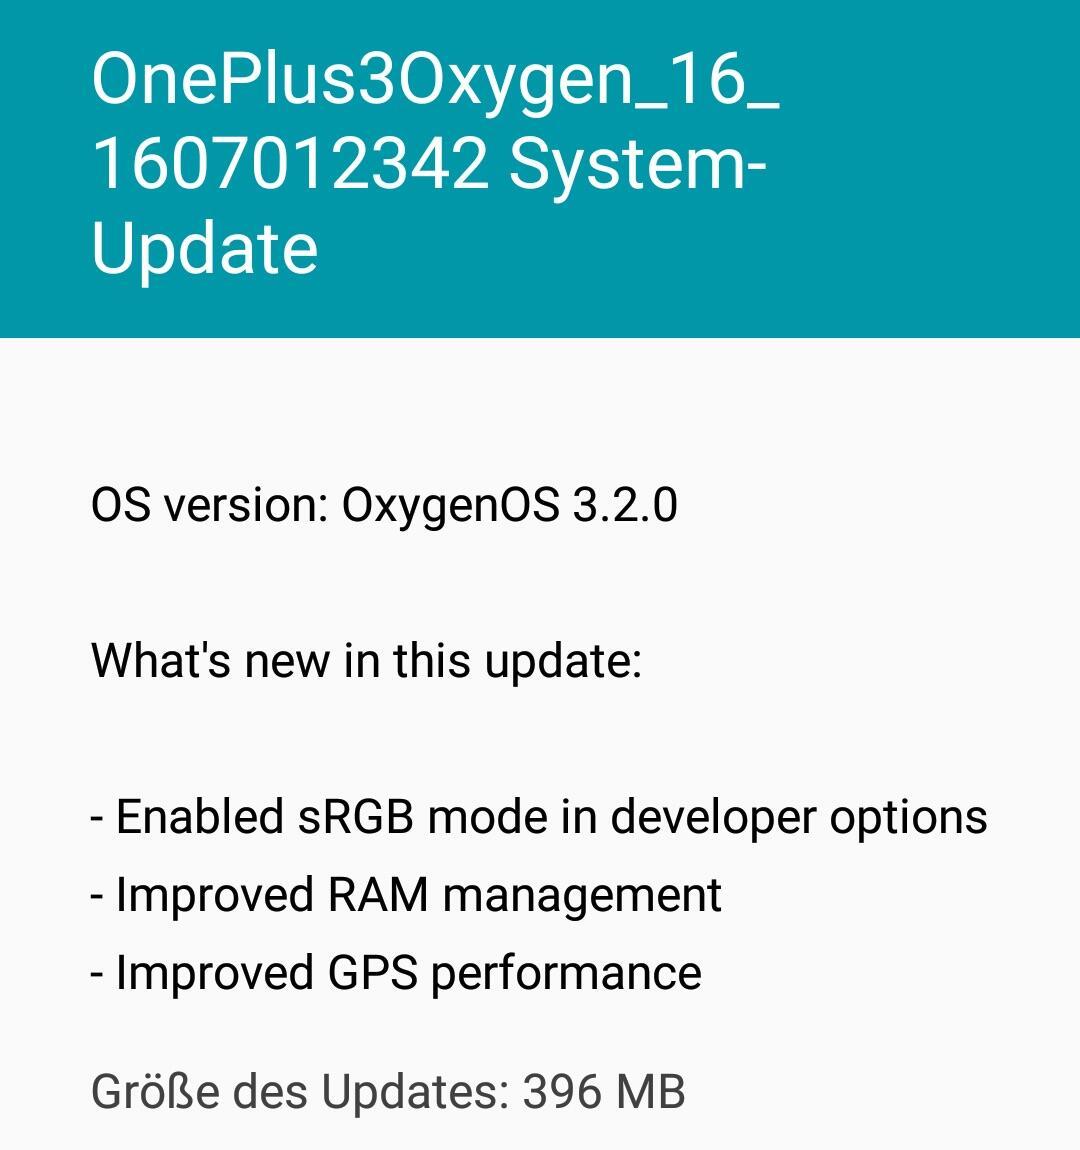 OP3 Update